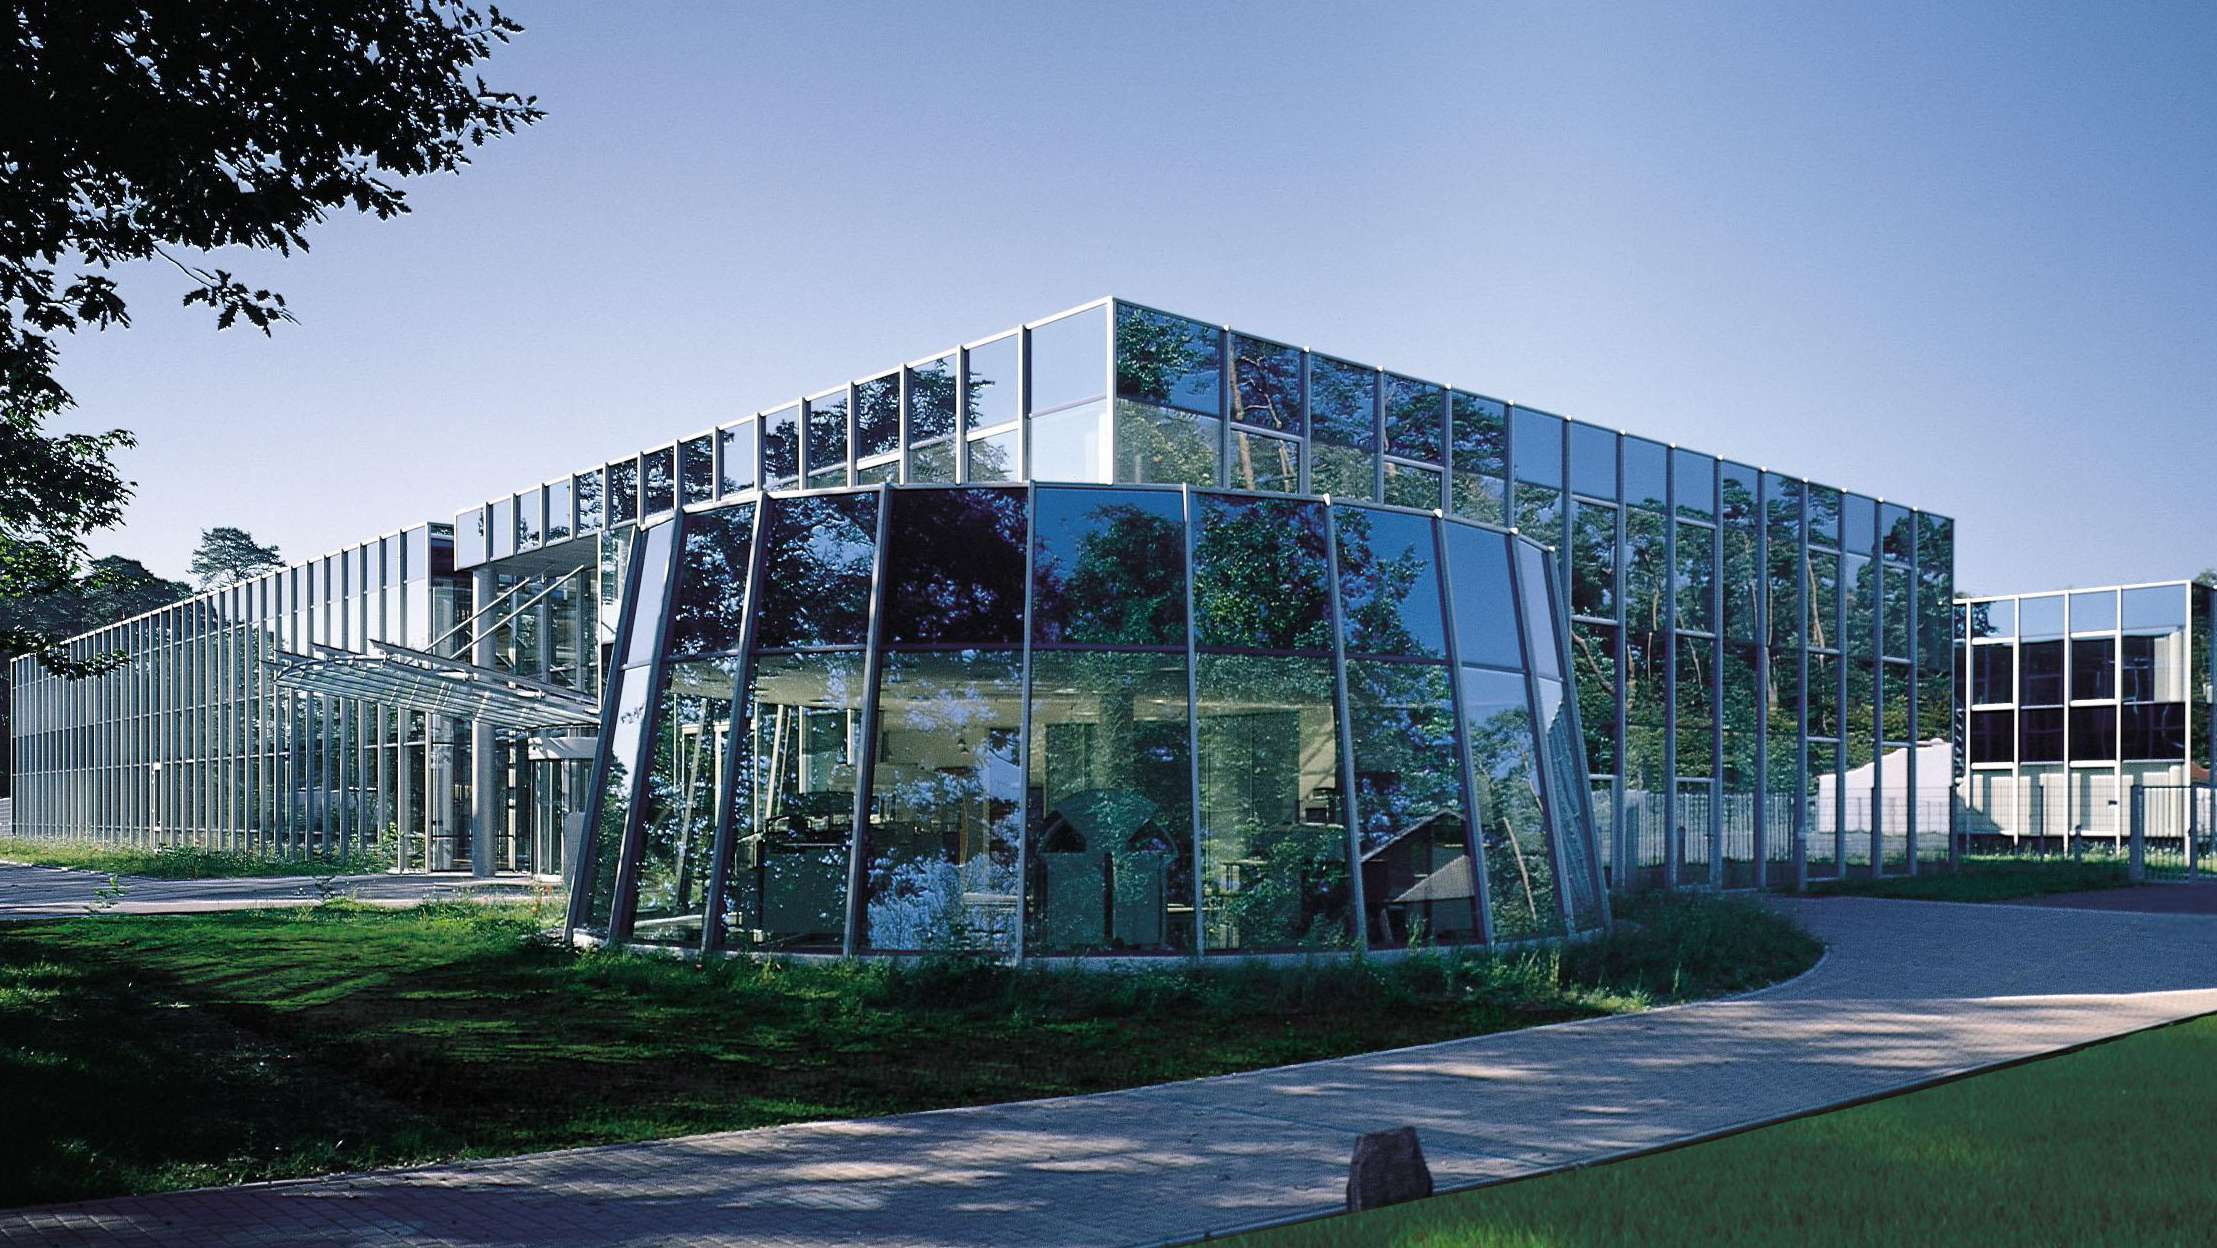 Der Firmensitz der Singulus Technologies AG in Kahl am Main